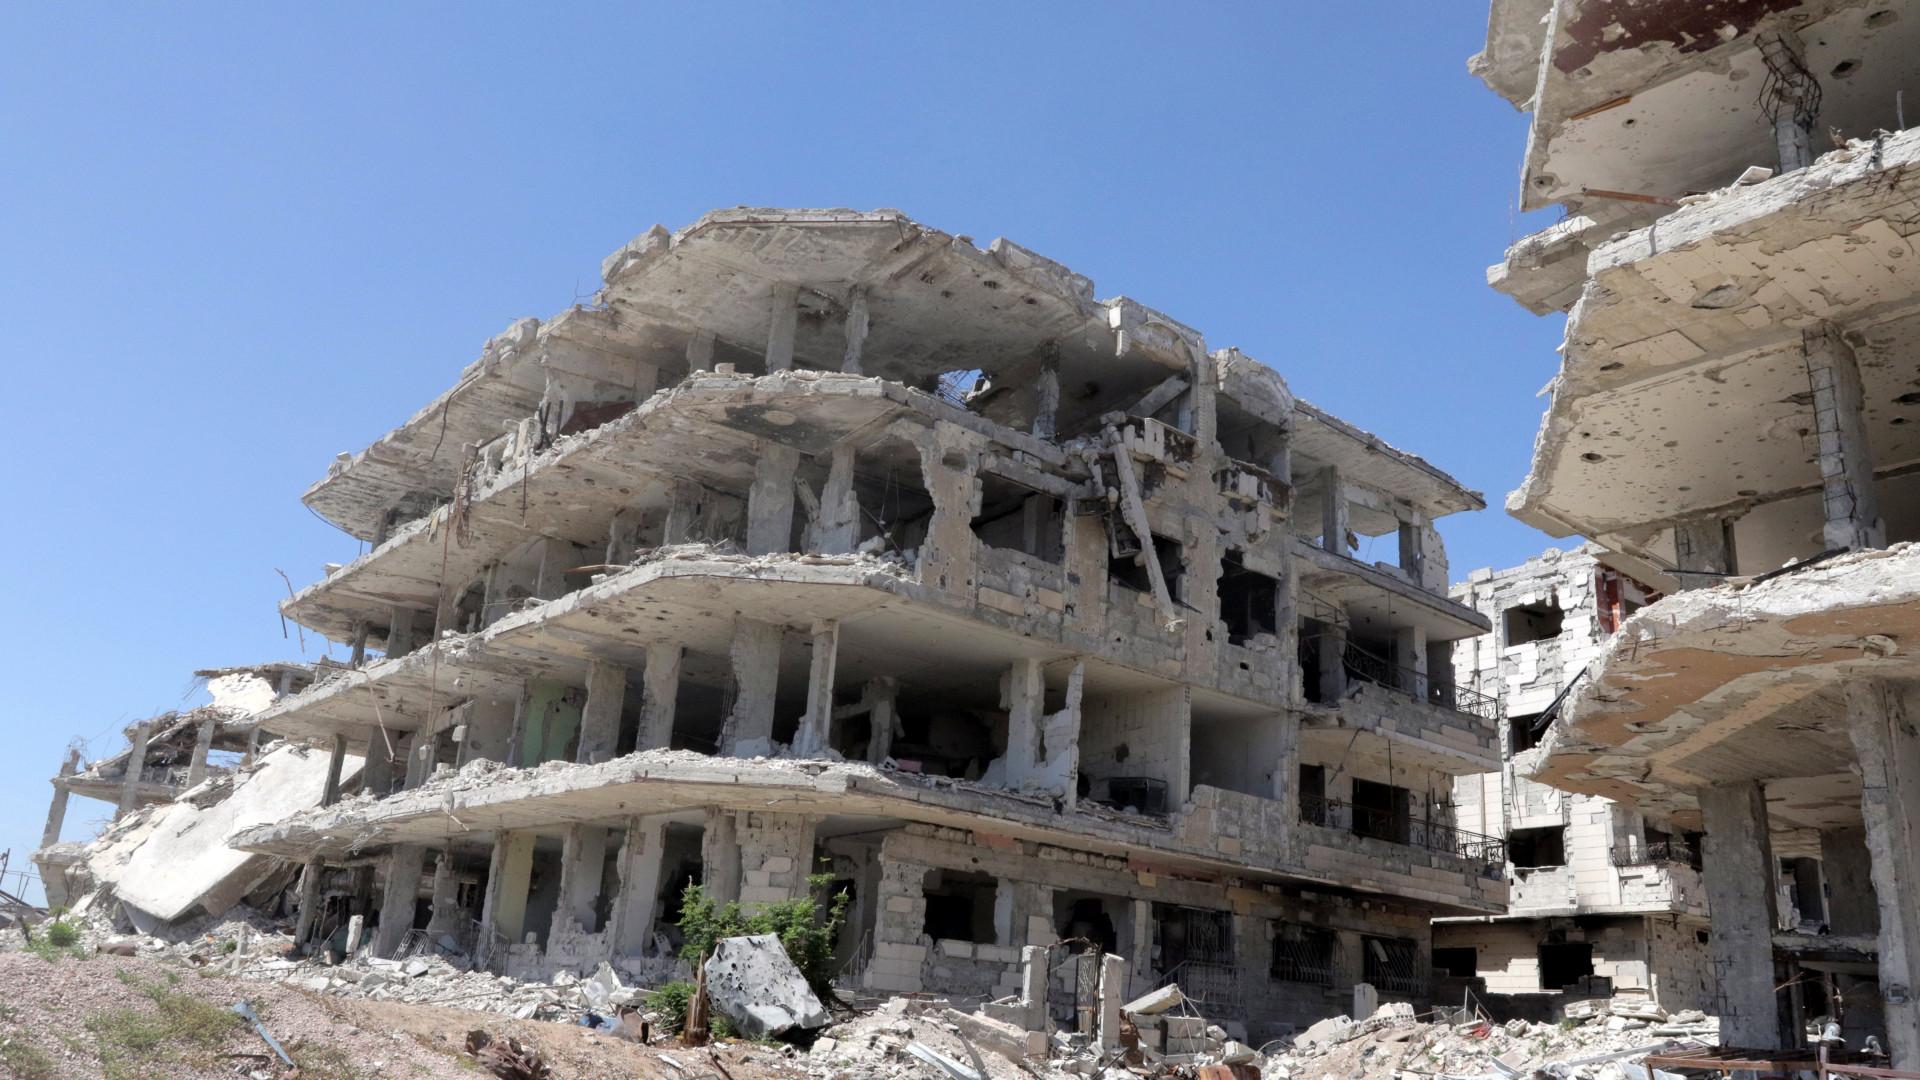 Equipa da OPAQ ainda não entrou em Douma para investigar alegado ataque